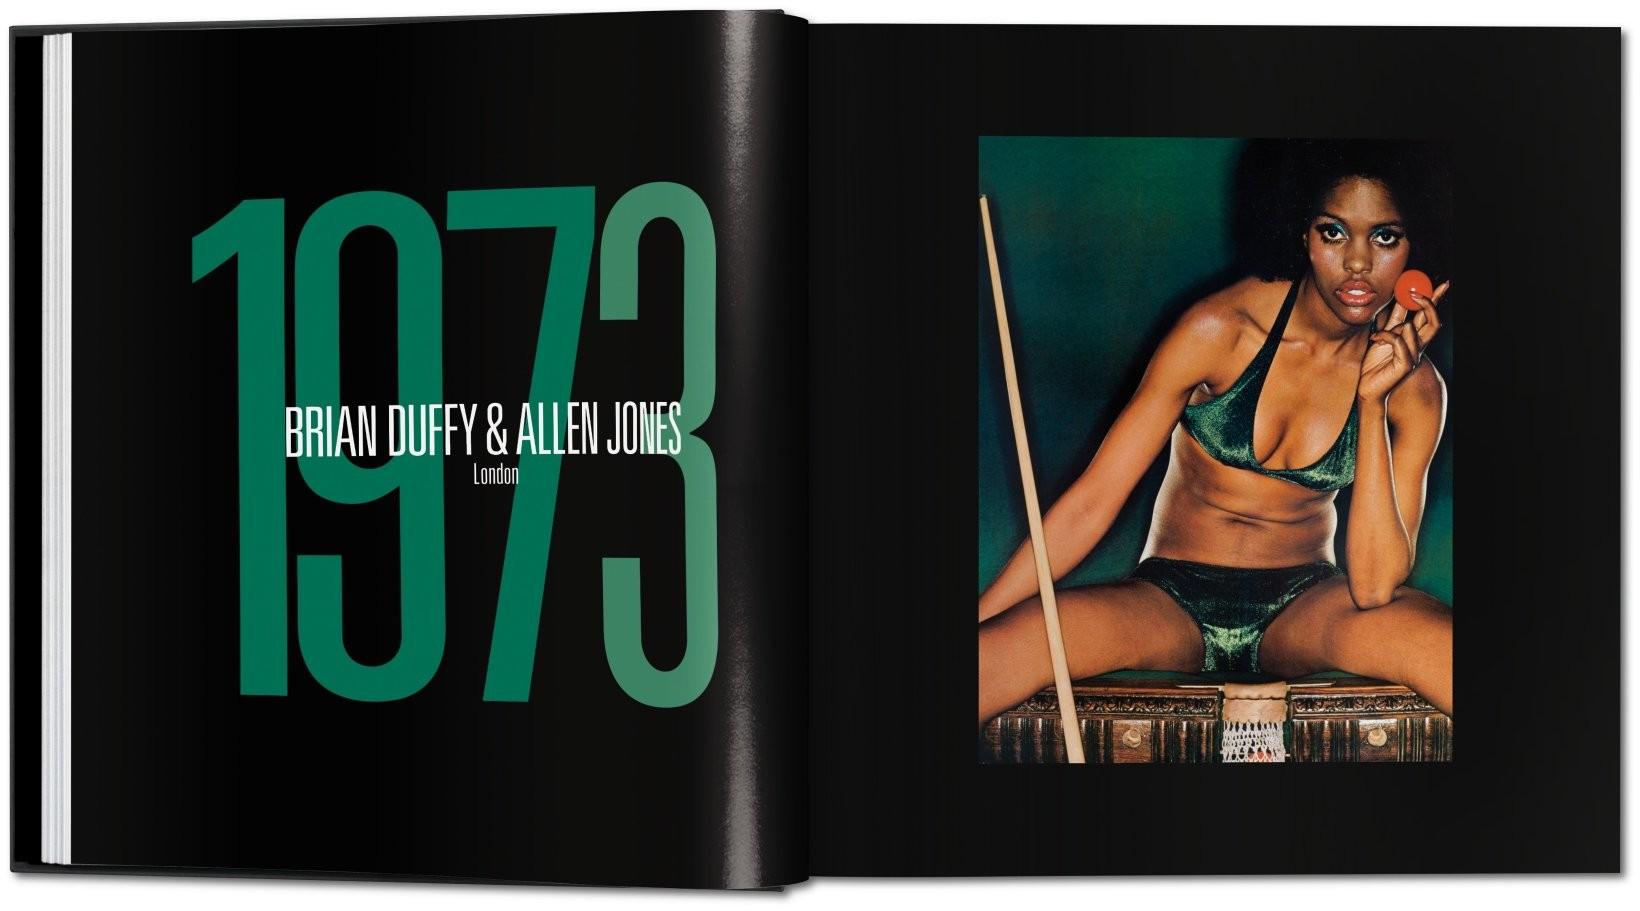 Imagens do Livro - retrospectiva dos 50 anos do calendário Pirelli imagem: divulgação